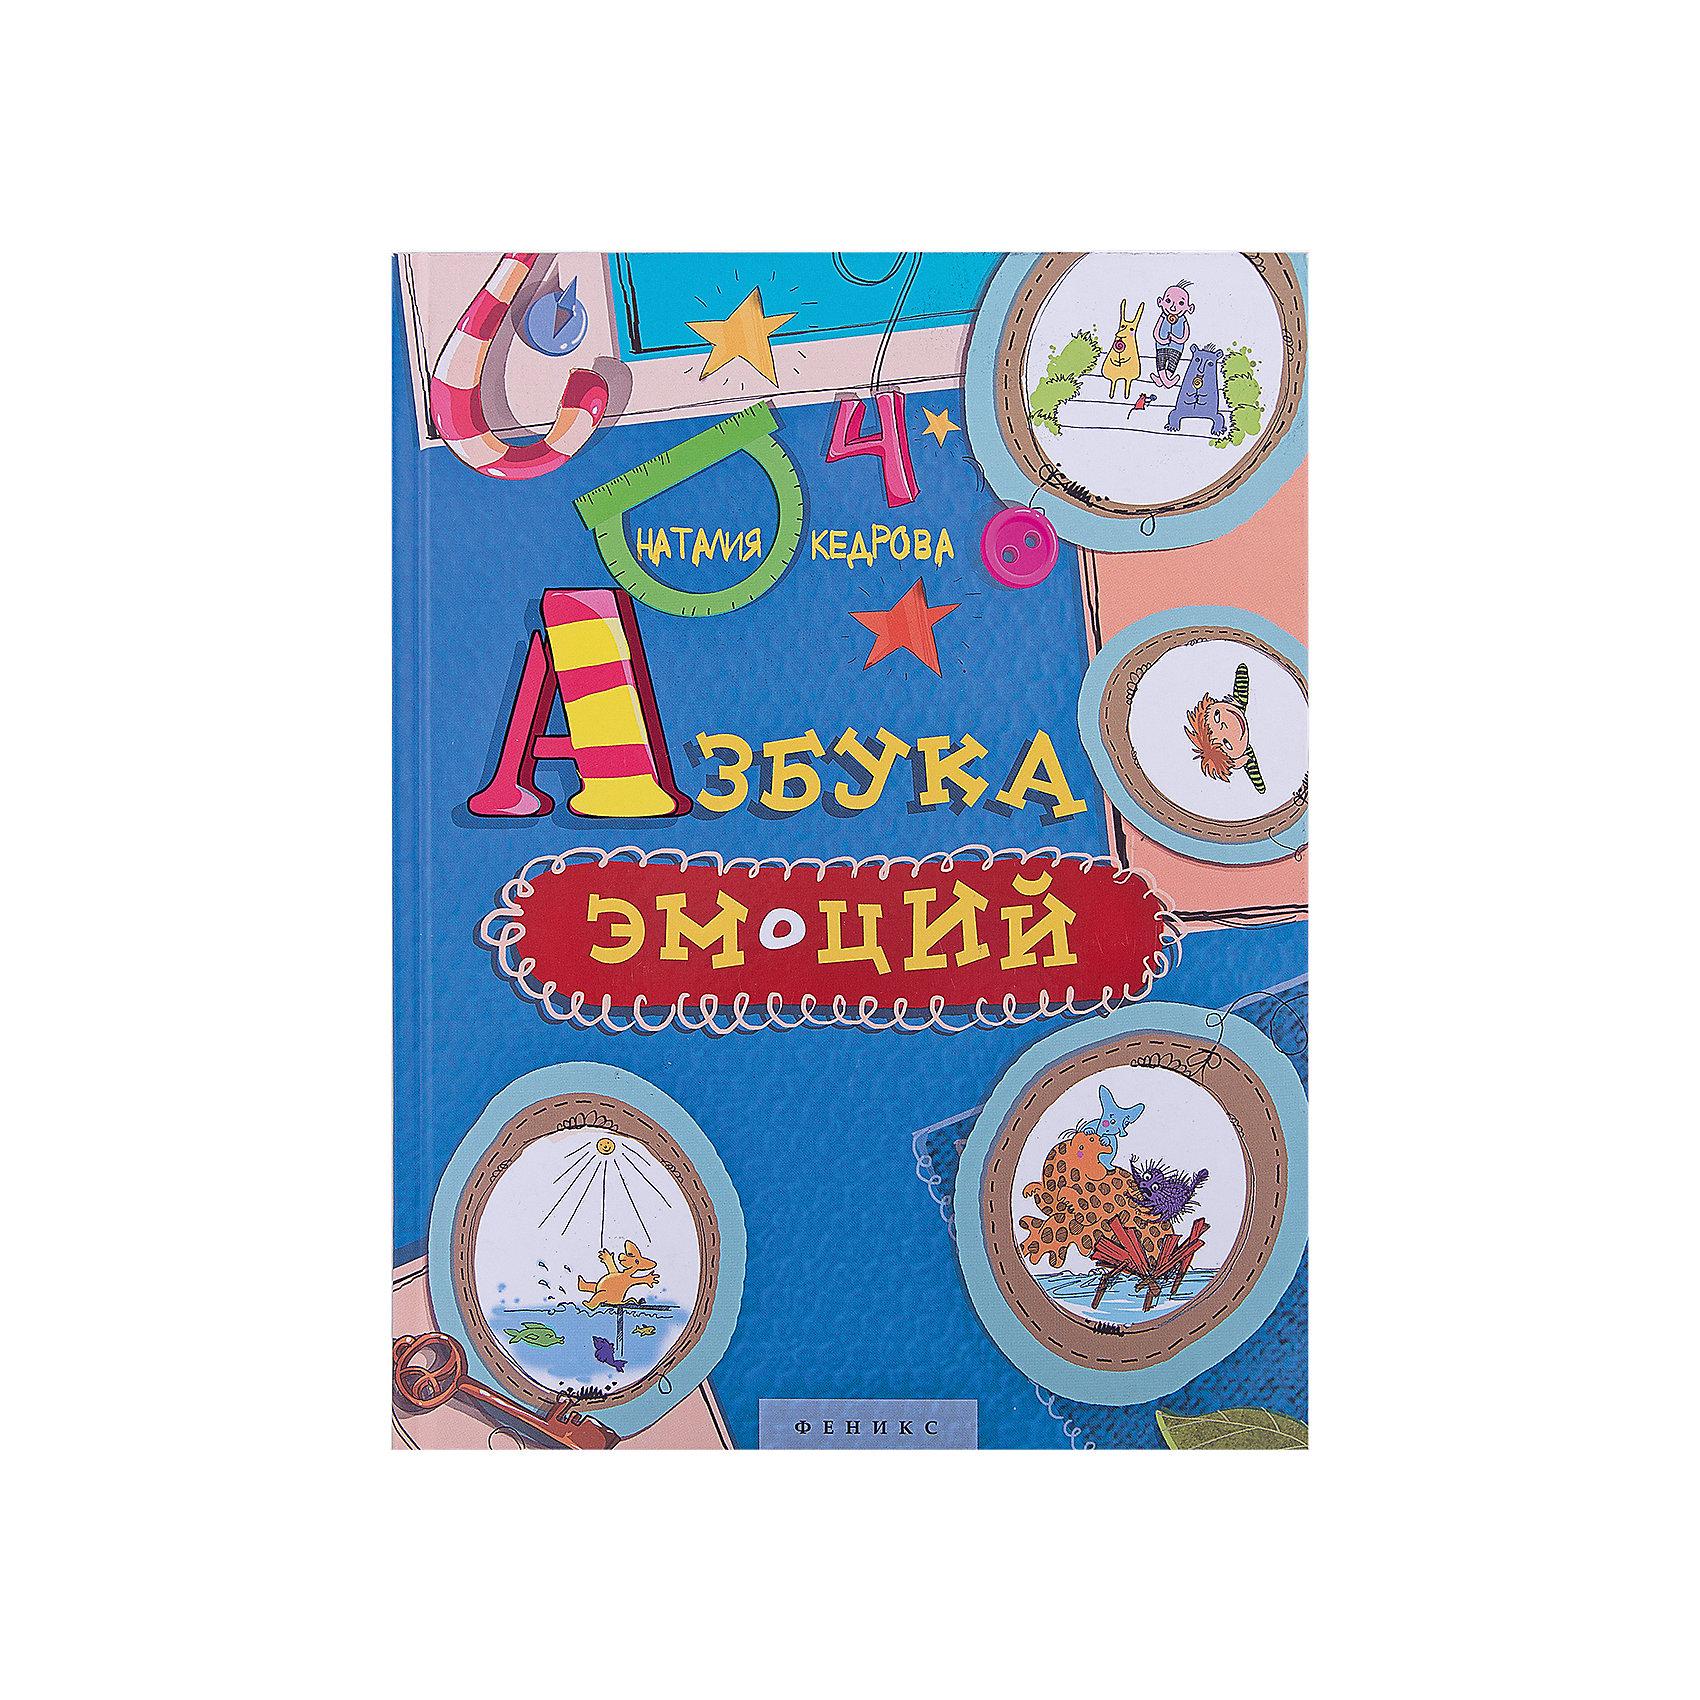 Азбука ЭмоцийФеникс<br>Характеристики товара:<br><br>• ISBN:9785222256503;<br>• возраст: от 3 лет;<br>• иллюстрации: цветные;<br>• обложка: твердая глянцевая;<br>• количество страниц: 128;<br>• формат: 26,5х20,5х1 см.;<br>• вес: 3,1 кг.;<br>• автор: Кедрова Наталия;<br>• издательство:  Феникс-Премьер;<br>• страна: Россия.<br><br>«Азбука Эмоций»  книга из серии «Яркое детство», написана  детским психологом и гештальт-терапевтом Наталией Кедровой и адресована младшим школьникам и подросткам. Книга поможет им  больше узнать себя, как устроены их переживания, как понять себя и других людей в радости, горе, обиде или зависти, как переживается уважение или гордость. <br><br>Для чтения взрослыми детям, книгу можно читать сразу целиком или небольшими частями, перечитывая важные места. Это поможет лучше узнать свои чувства и научиться мудро с ними обращаться. Книга будет интересна не только детям, но и взрослым, ведь им тоже необходимо понимать переживания детей и разбираться в своих чувствах. <br><br>Текст снабжен яркими и понятными иллюстрациями.<br><br>«Азбука Эмоций»,  авт. Наталия Кедрова, Феникс-Премьер, можно купить в нашем интернет-магазине.<br><br>Ширина мм: 267<br>Глубина мм: 205<br>Высота мм: 10<br>Вес г: 3162<br>Возраст от месяцев: 12<br>Возраст до месяцев: 72<br>Пол: Унисекс<br>Возраст: Детский<br>SKU: 4771359